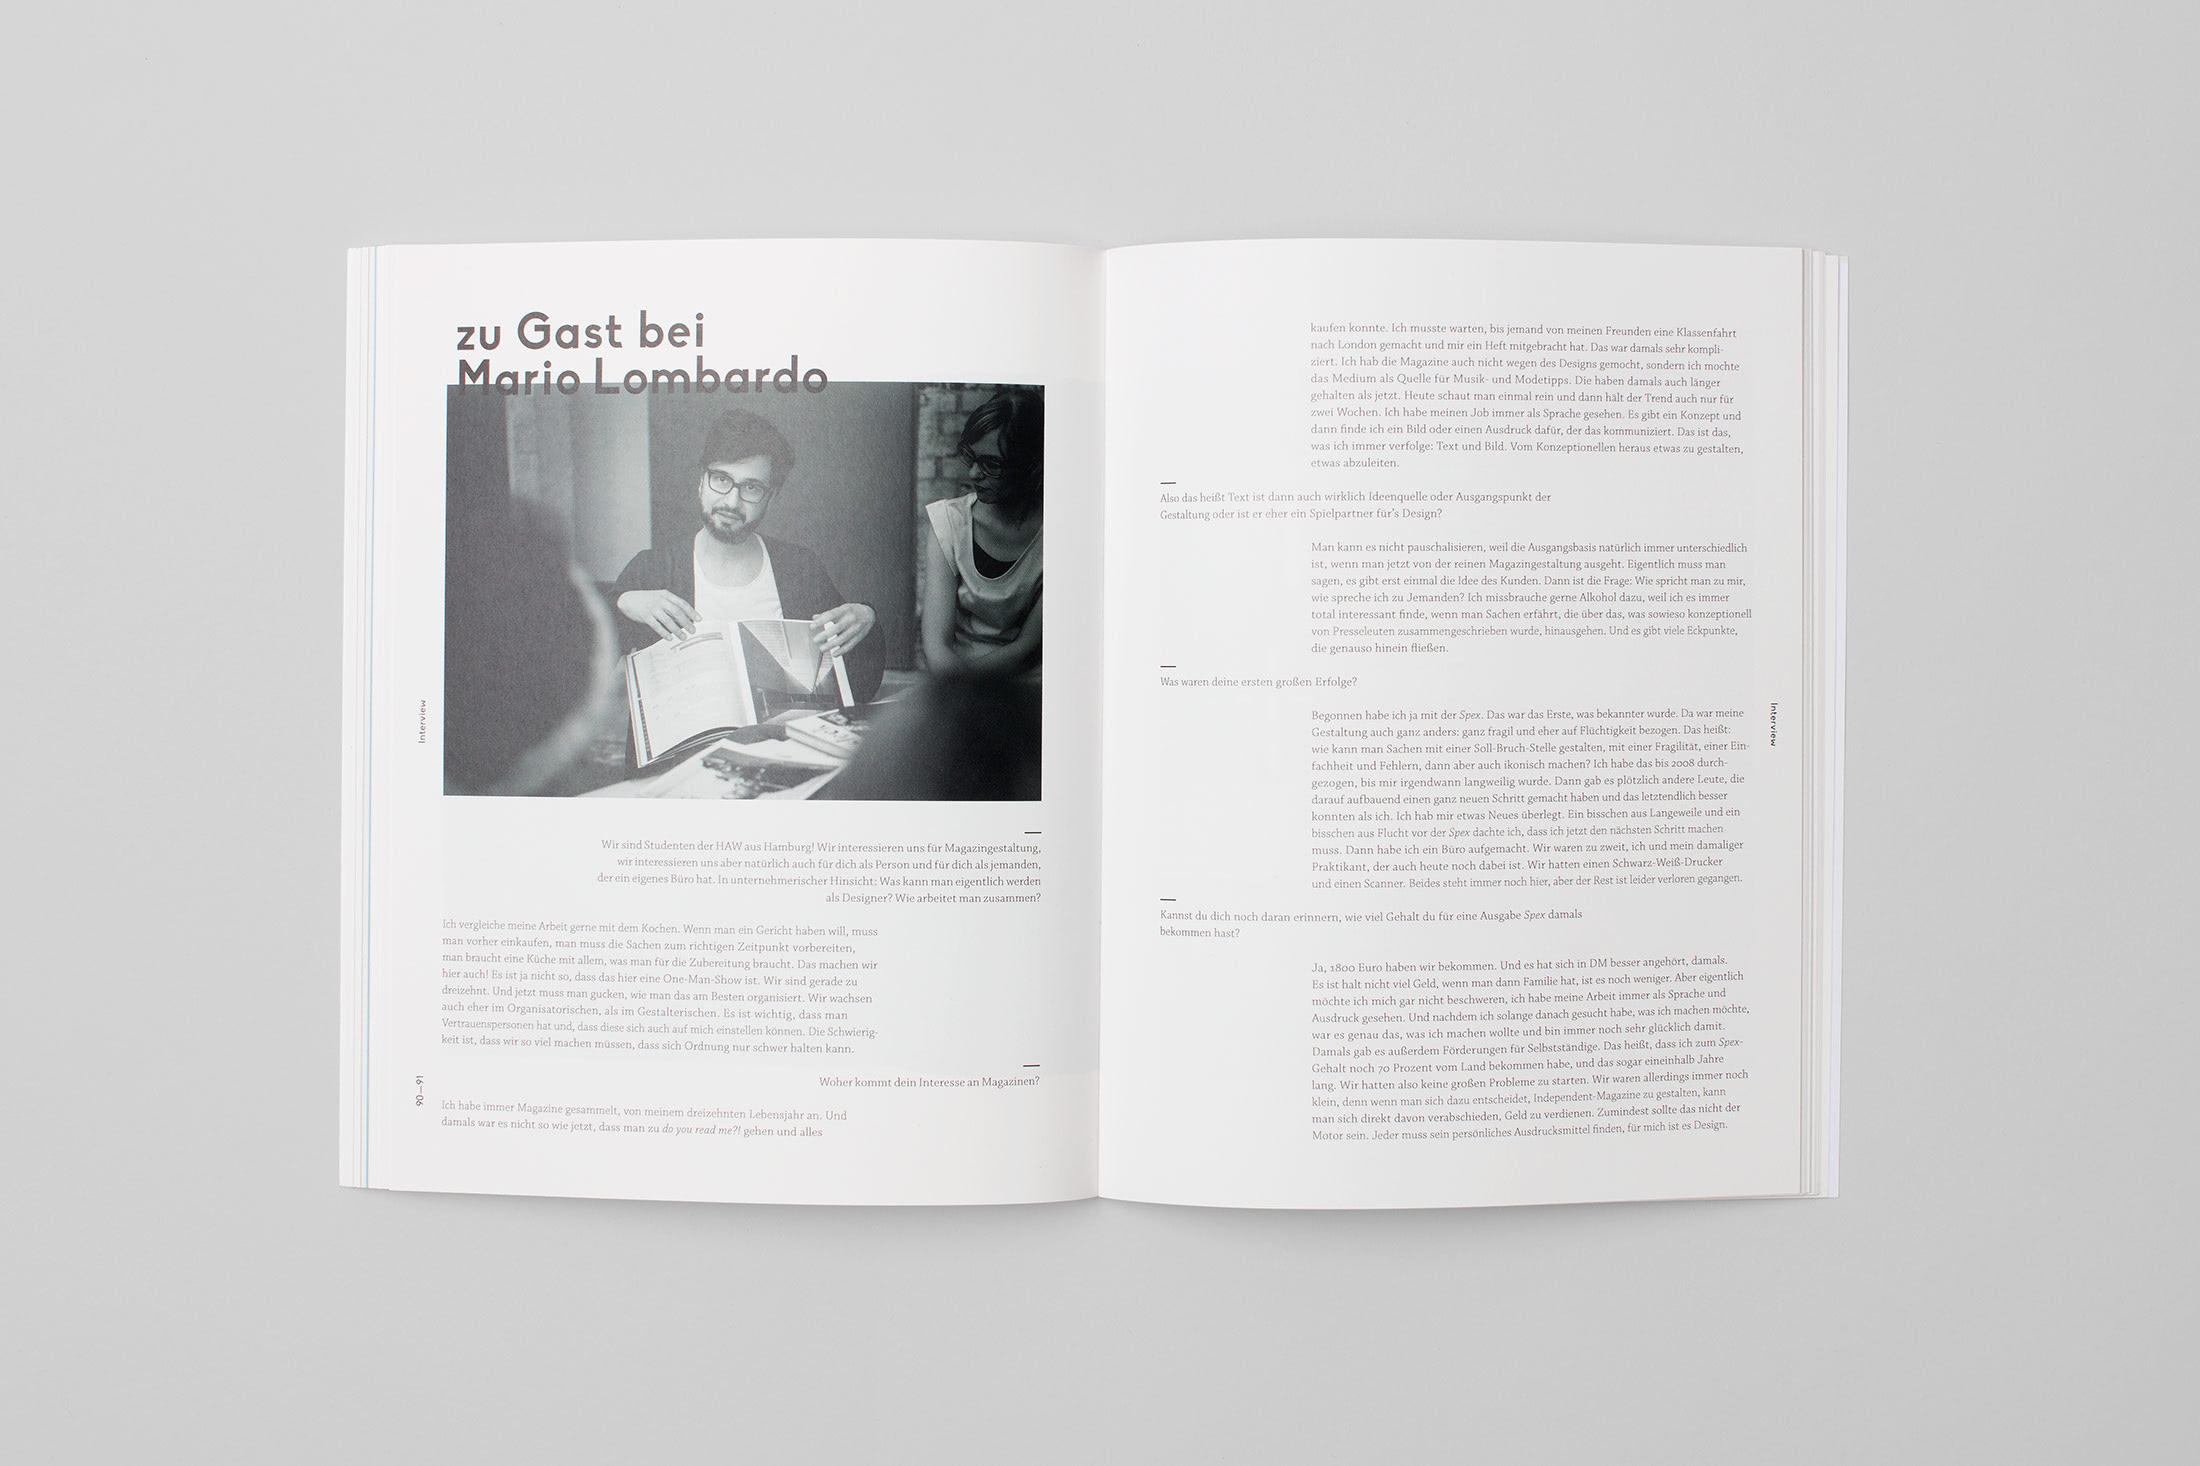 Magazinkultur_09-Mitja_Schneehage